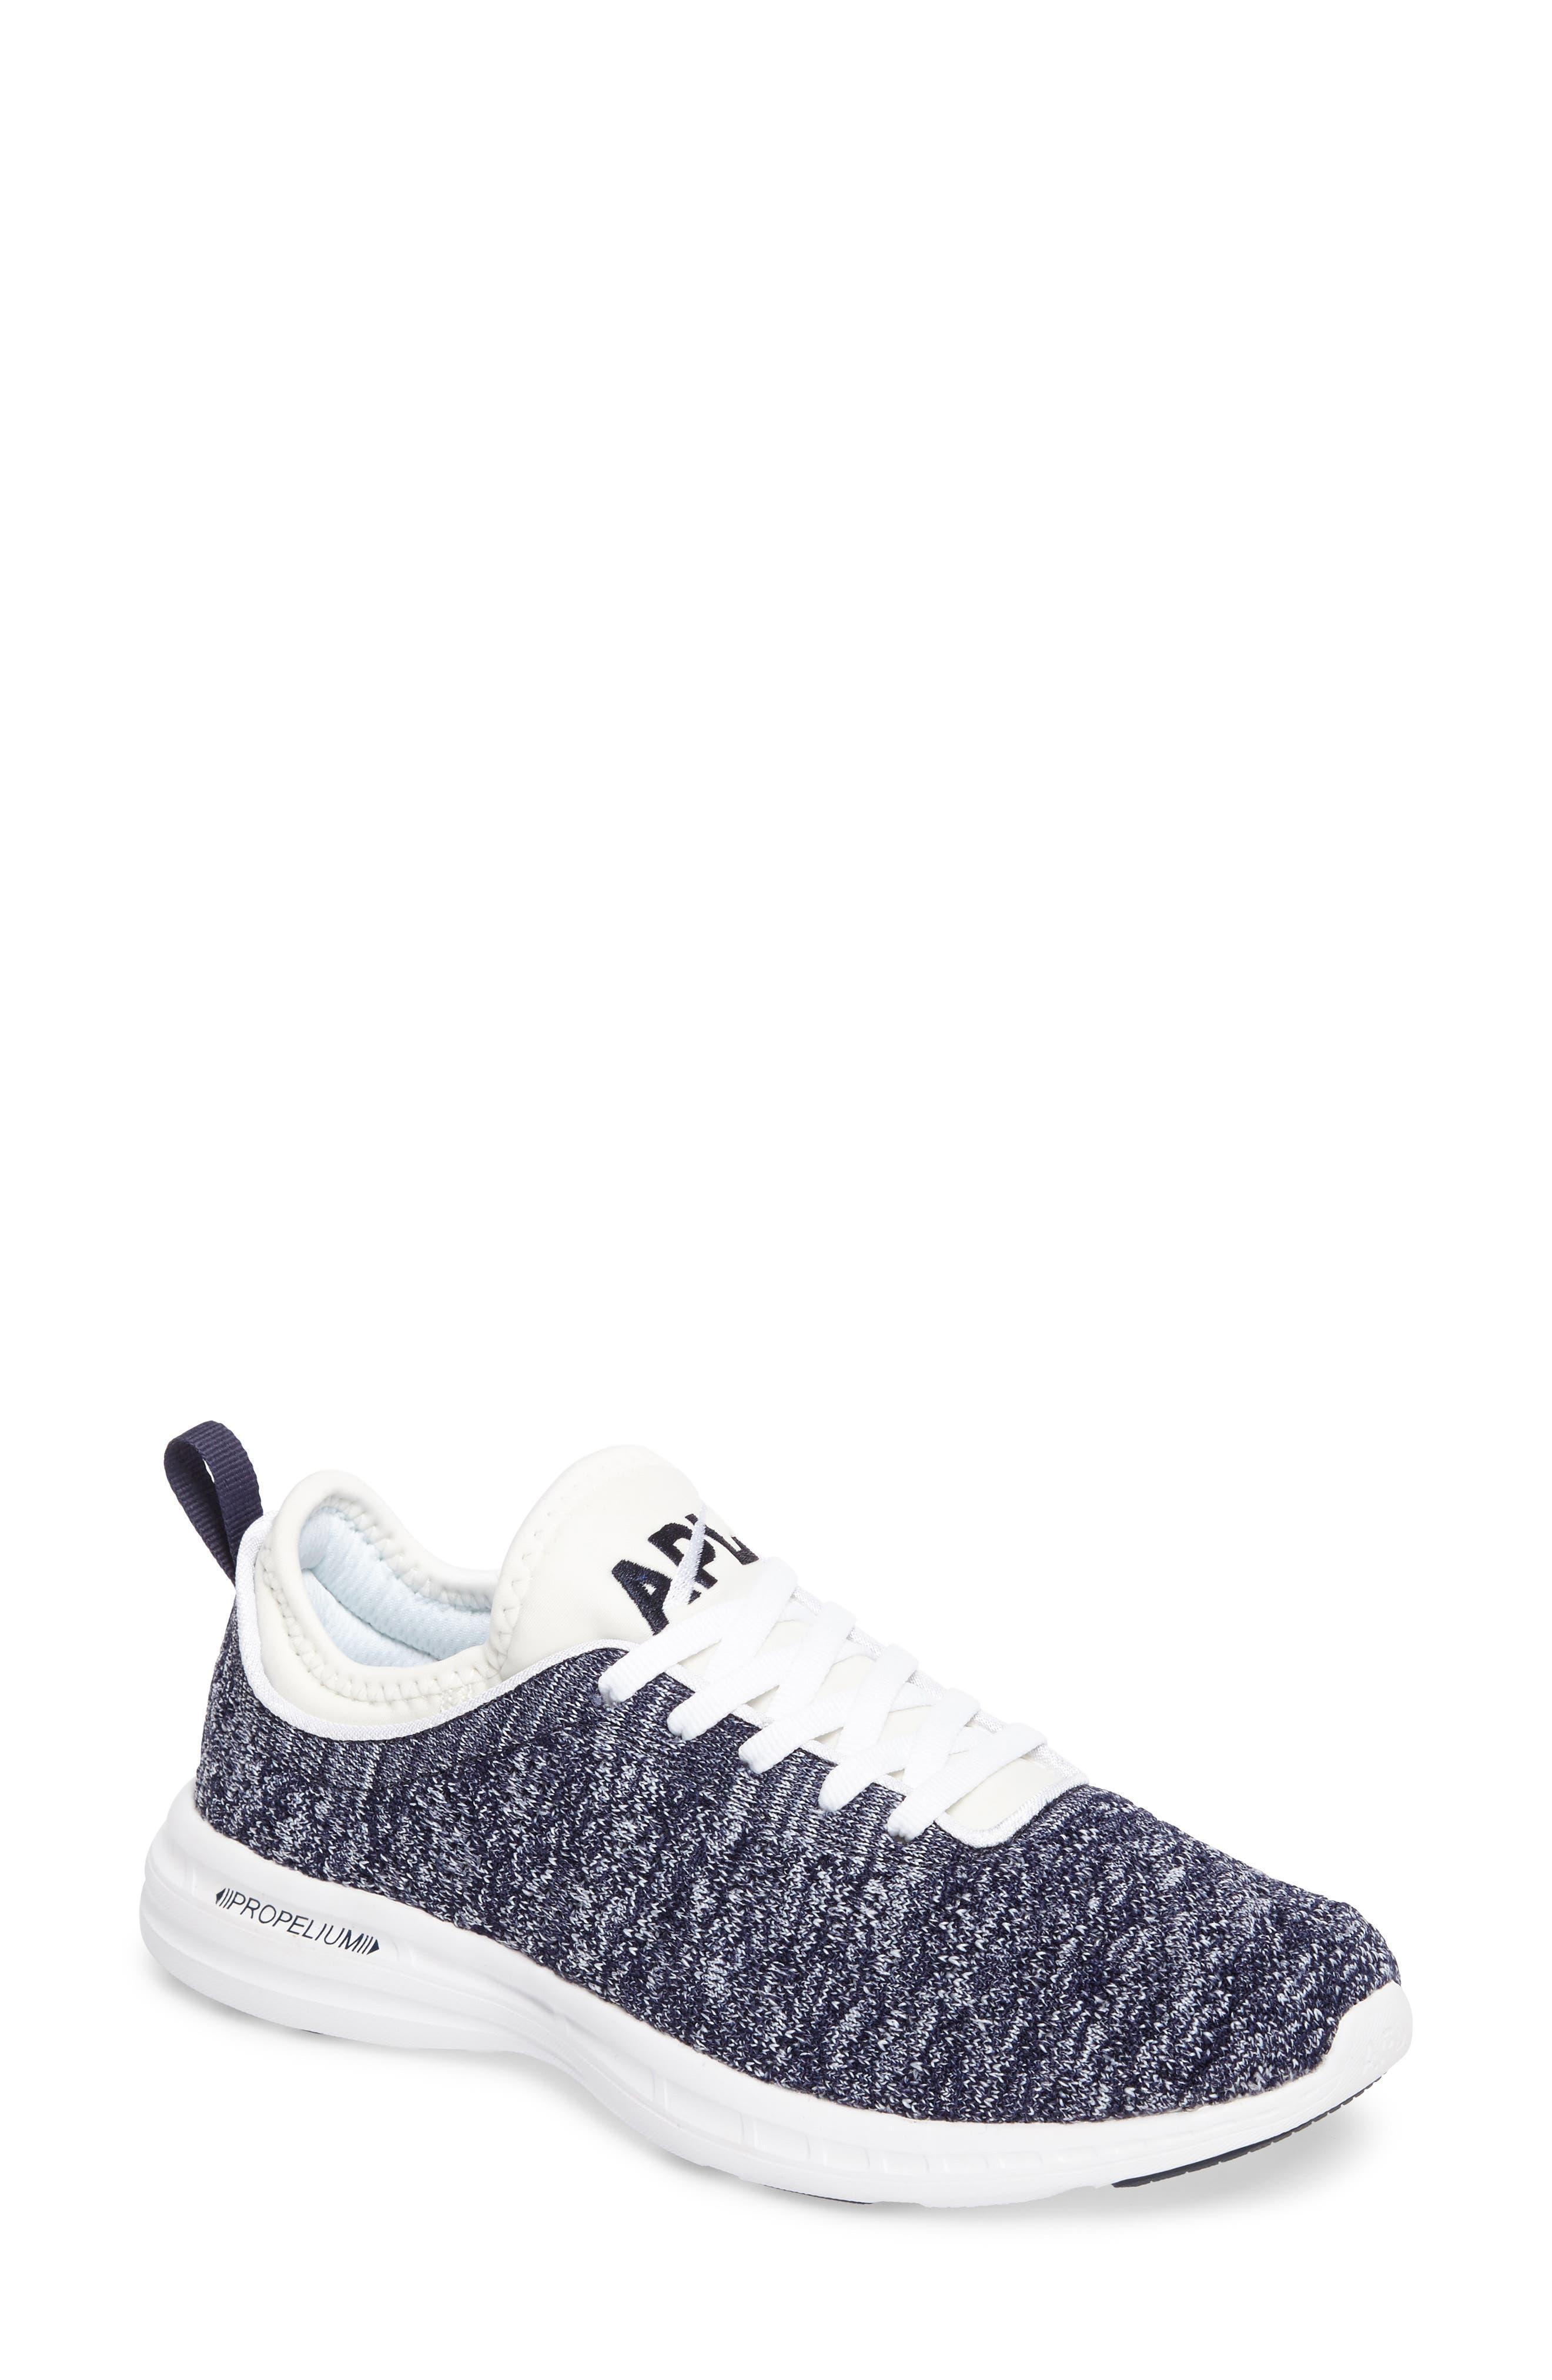 Main Image - APL 'TechLoom Phantom' Running Shoe (Women)